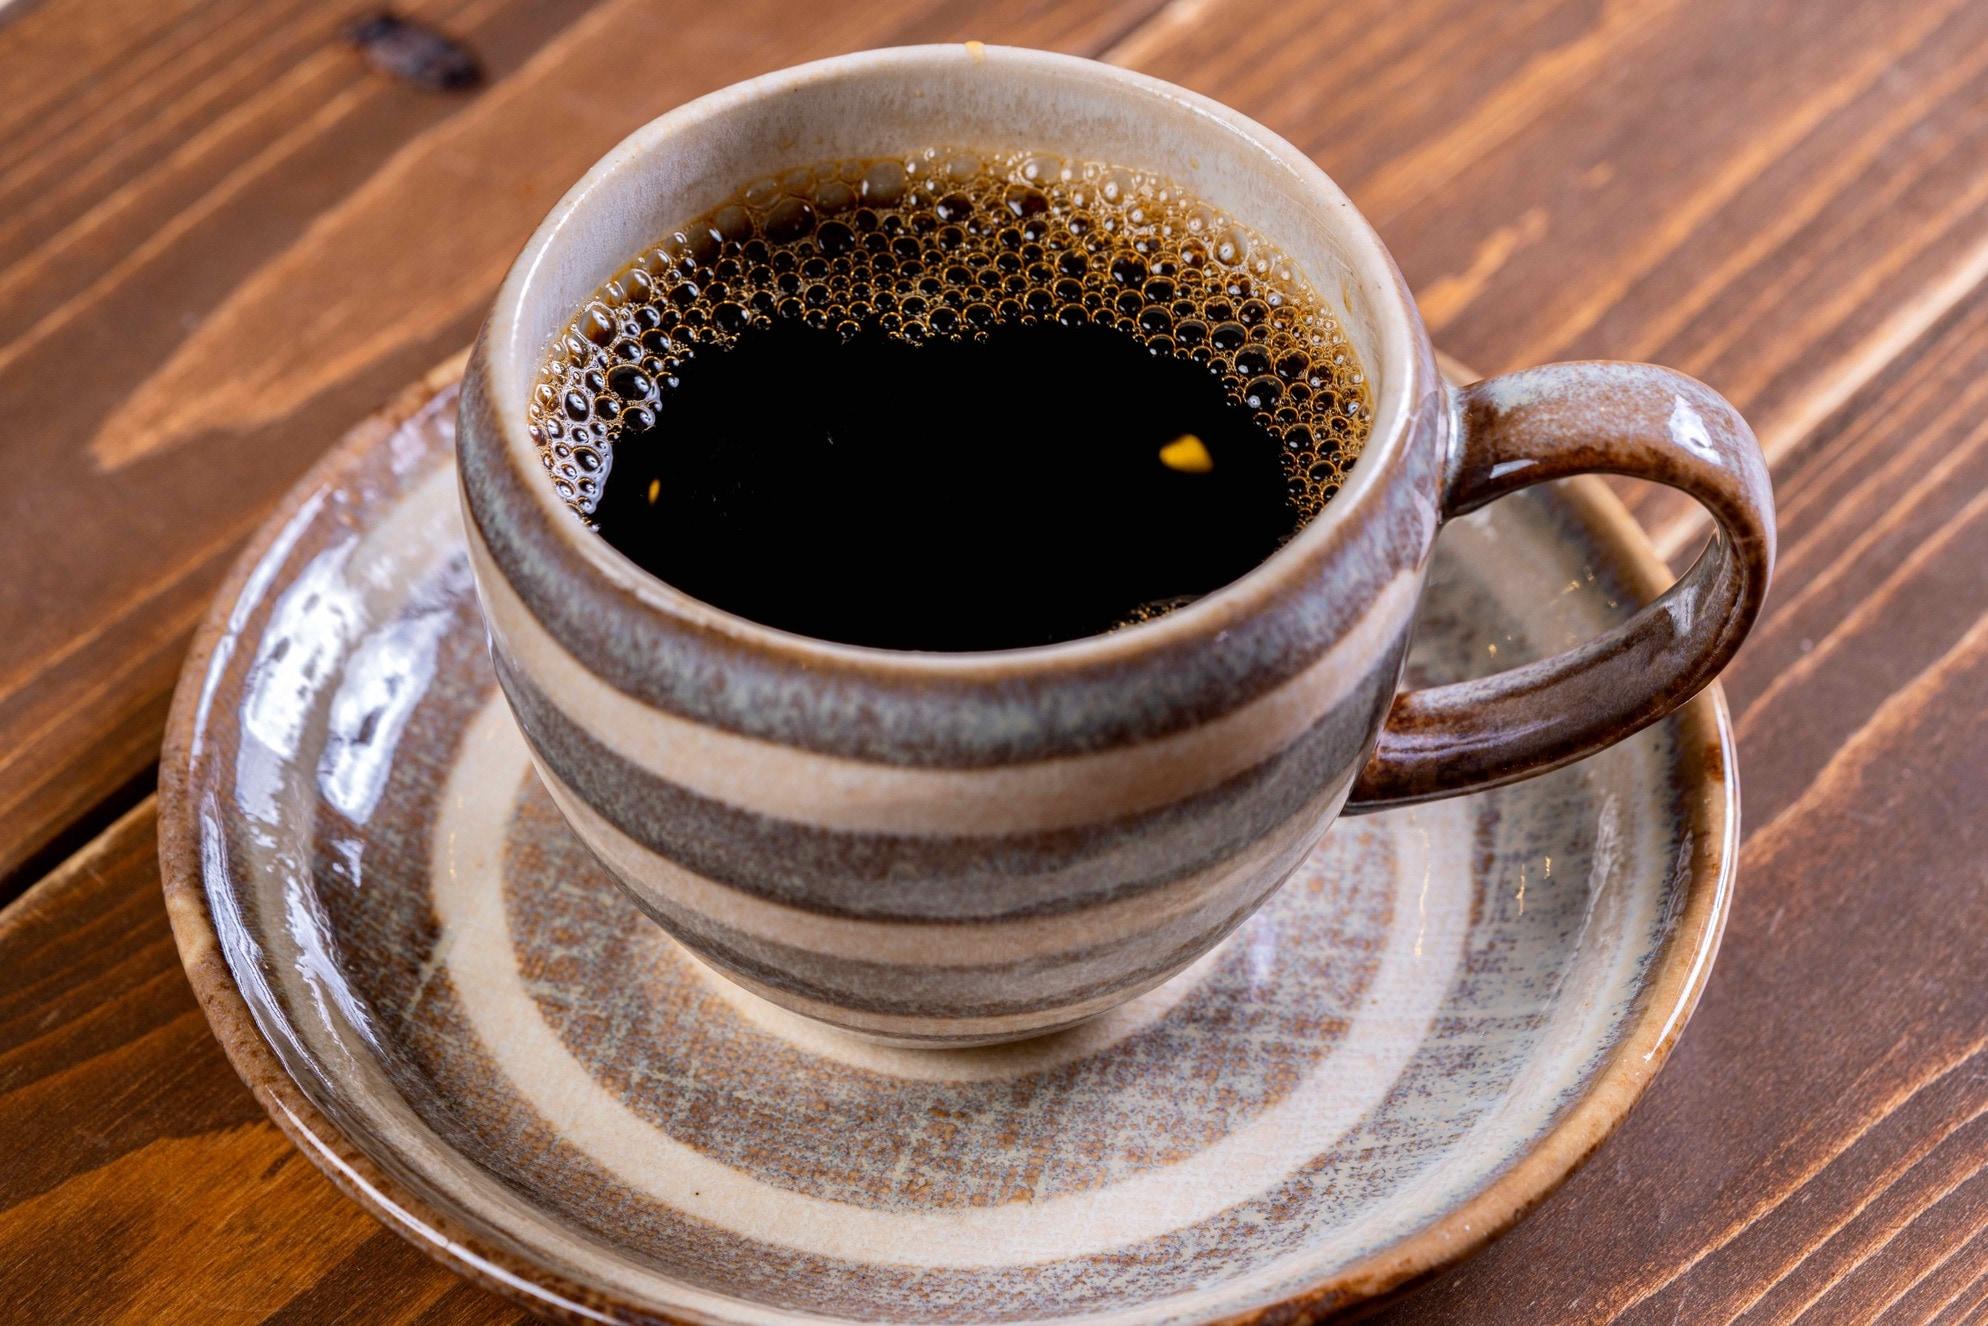 マグカップに入った徳光珈琲のスペシャルティコーヒー、エチオピア・ナチュラル